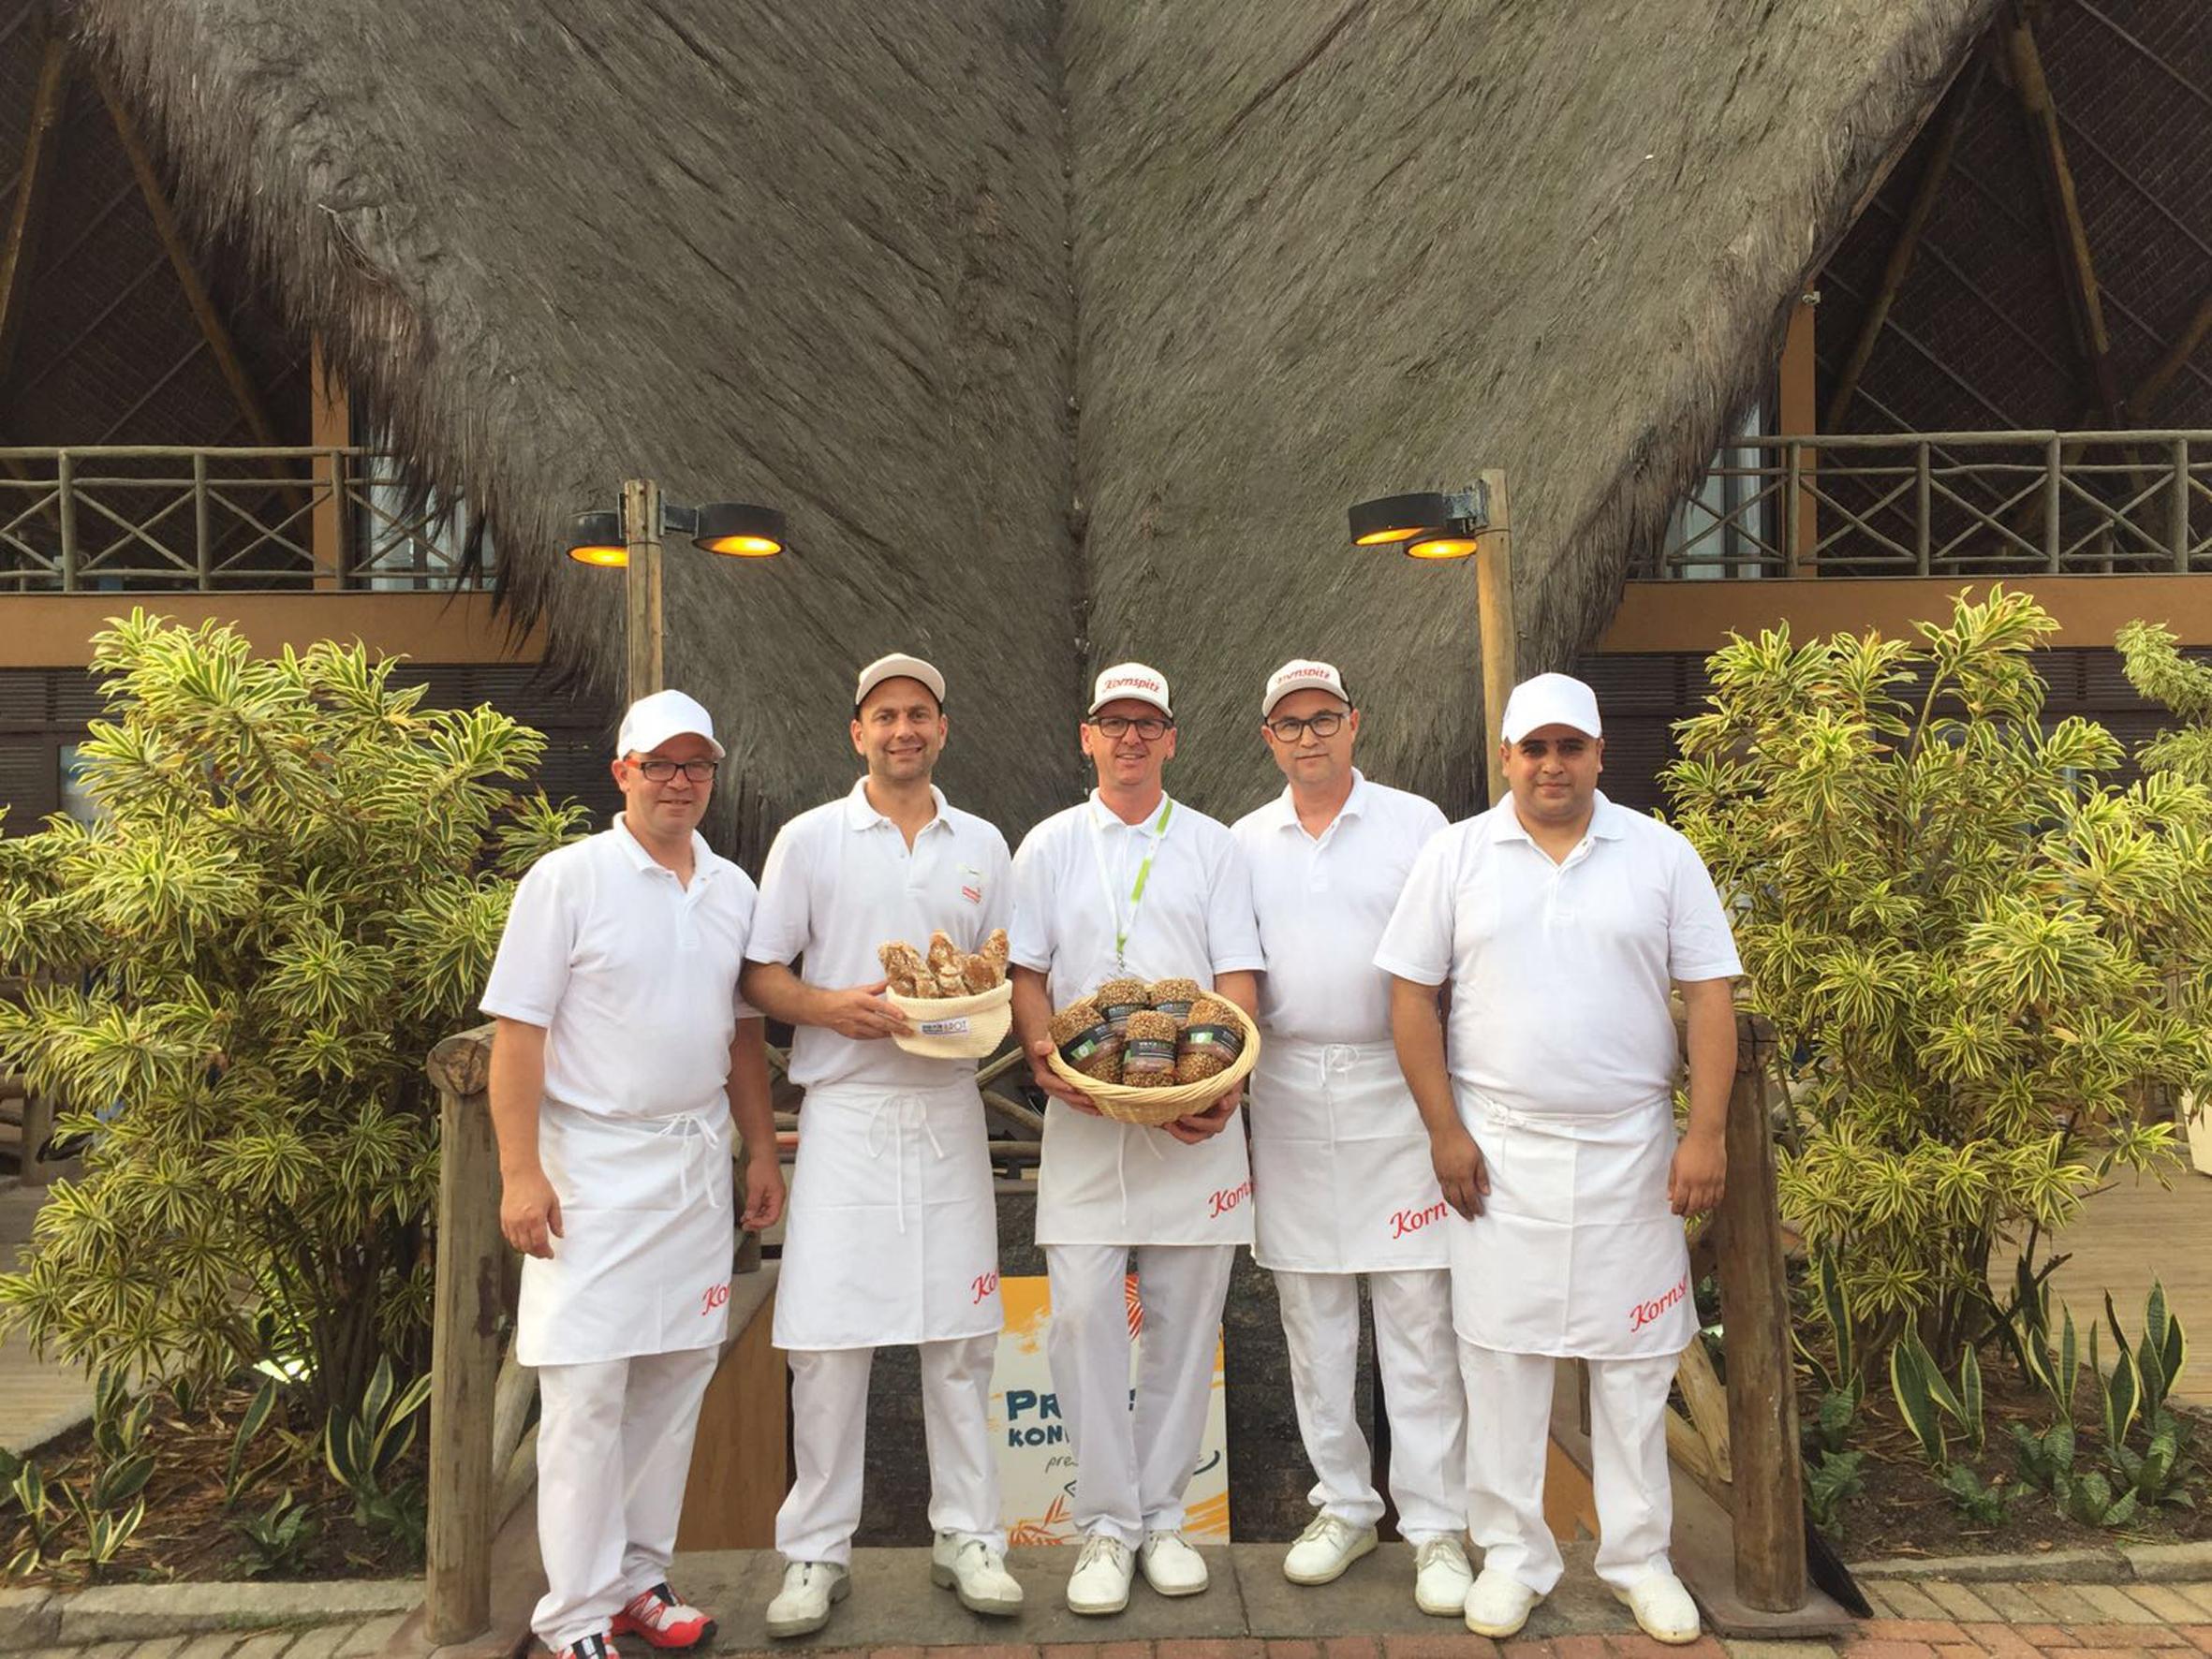 Bäcker-Team von Rio